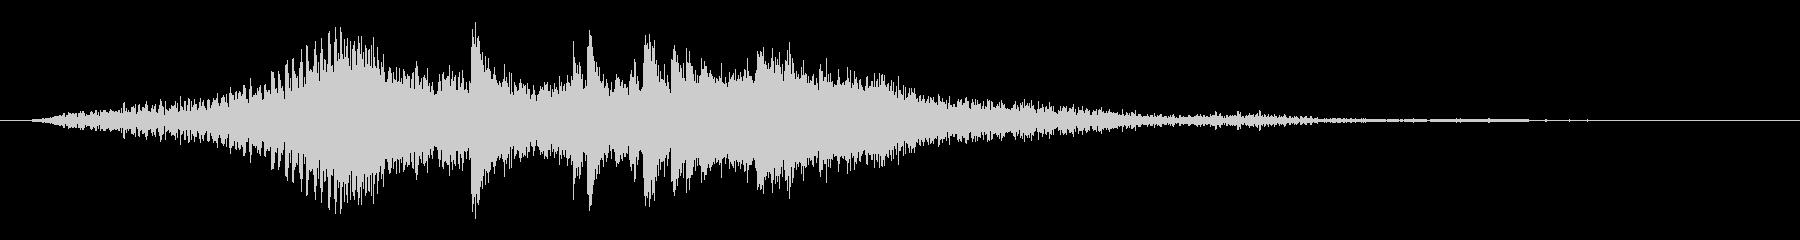 タイトル用2 グリーグ作 ピアノ協奏曲の未再生の波形